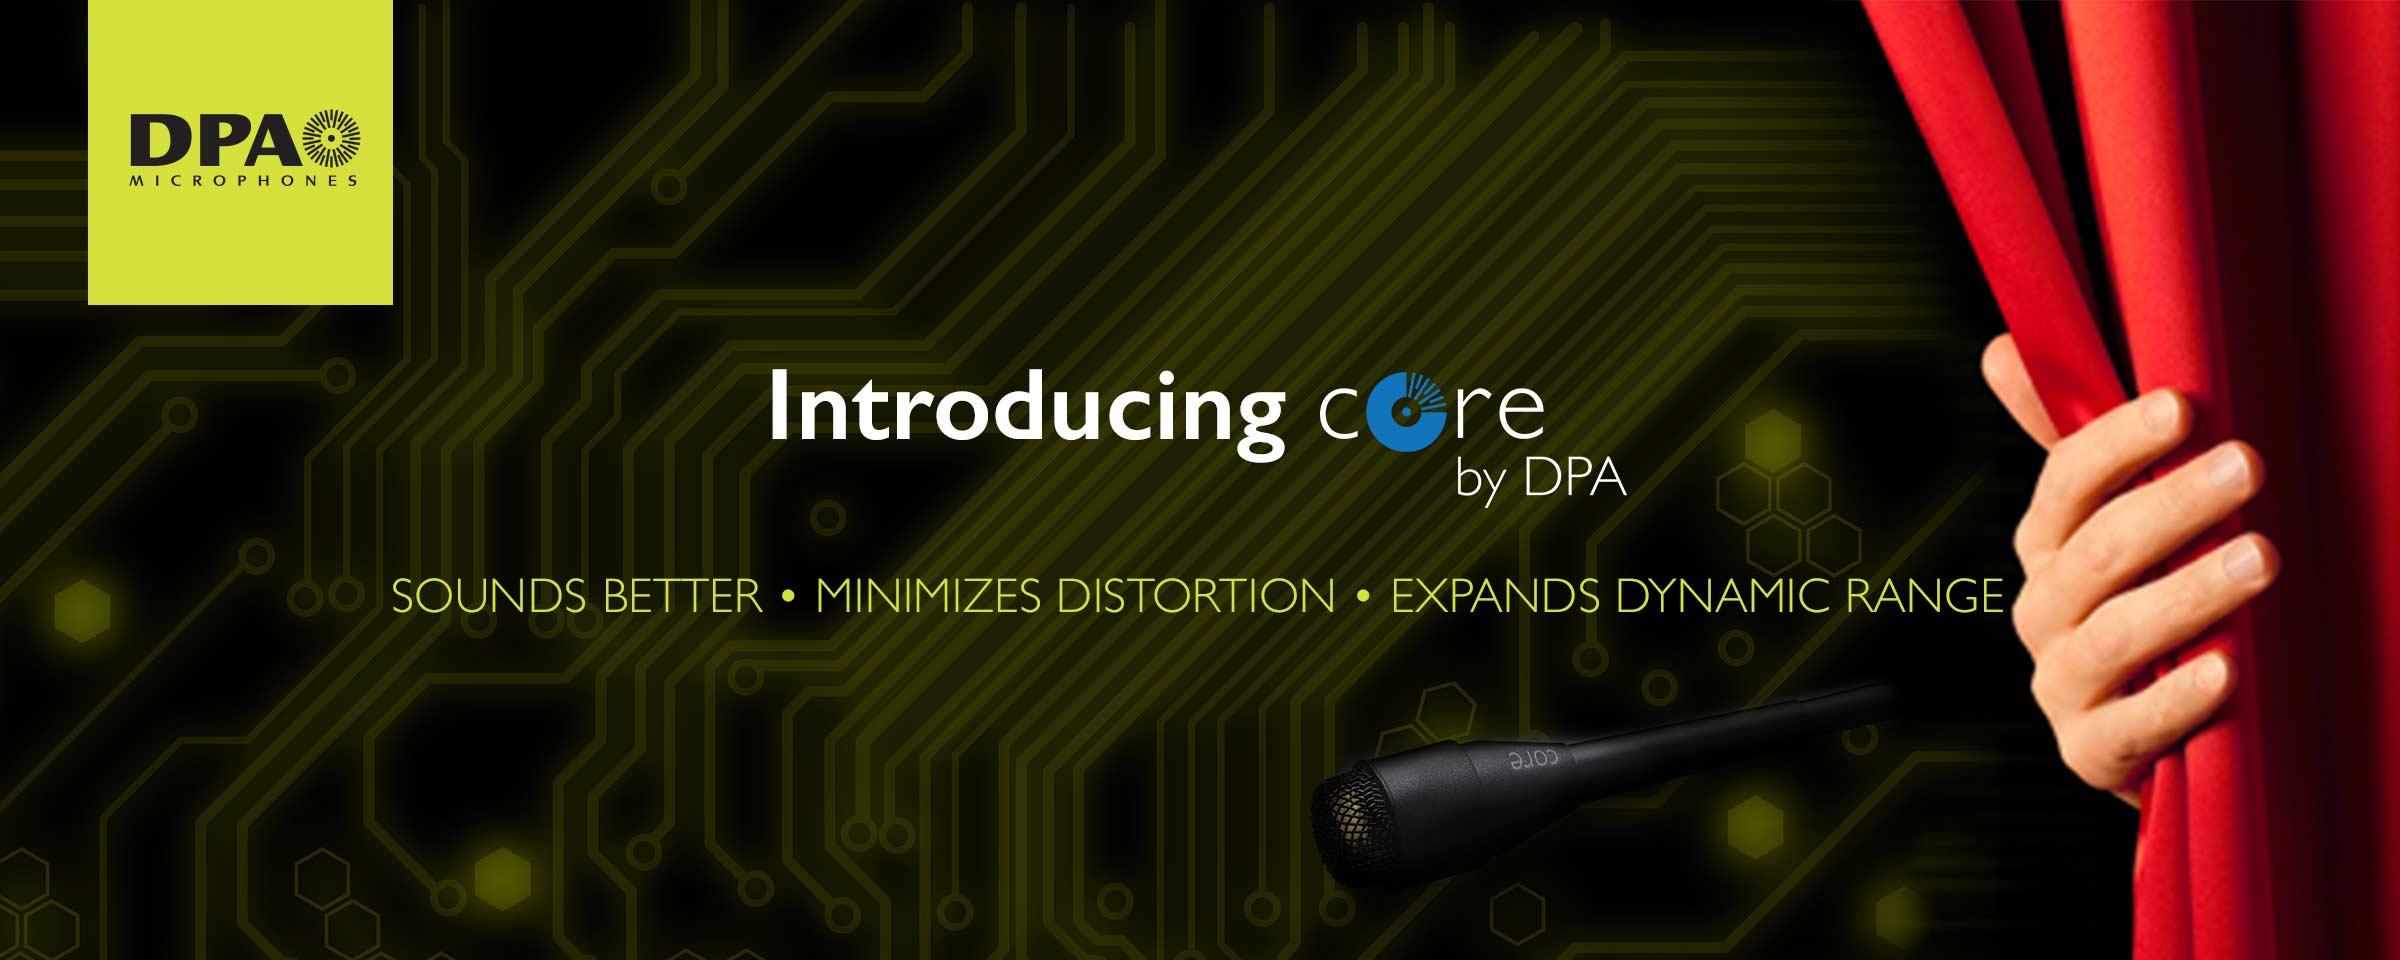 DPA CORE mic technology